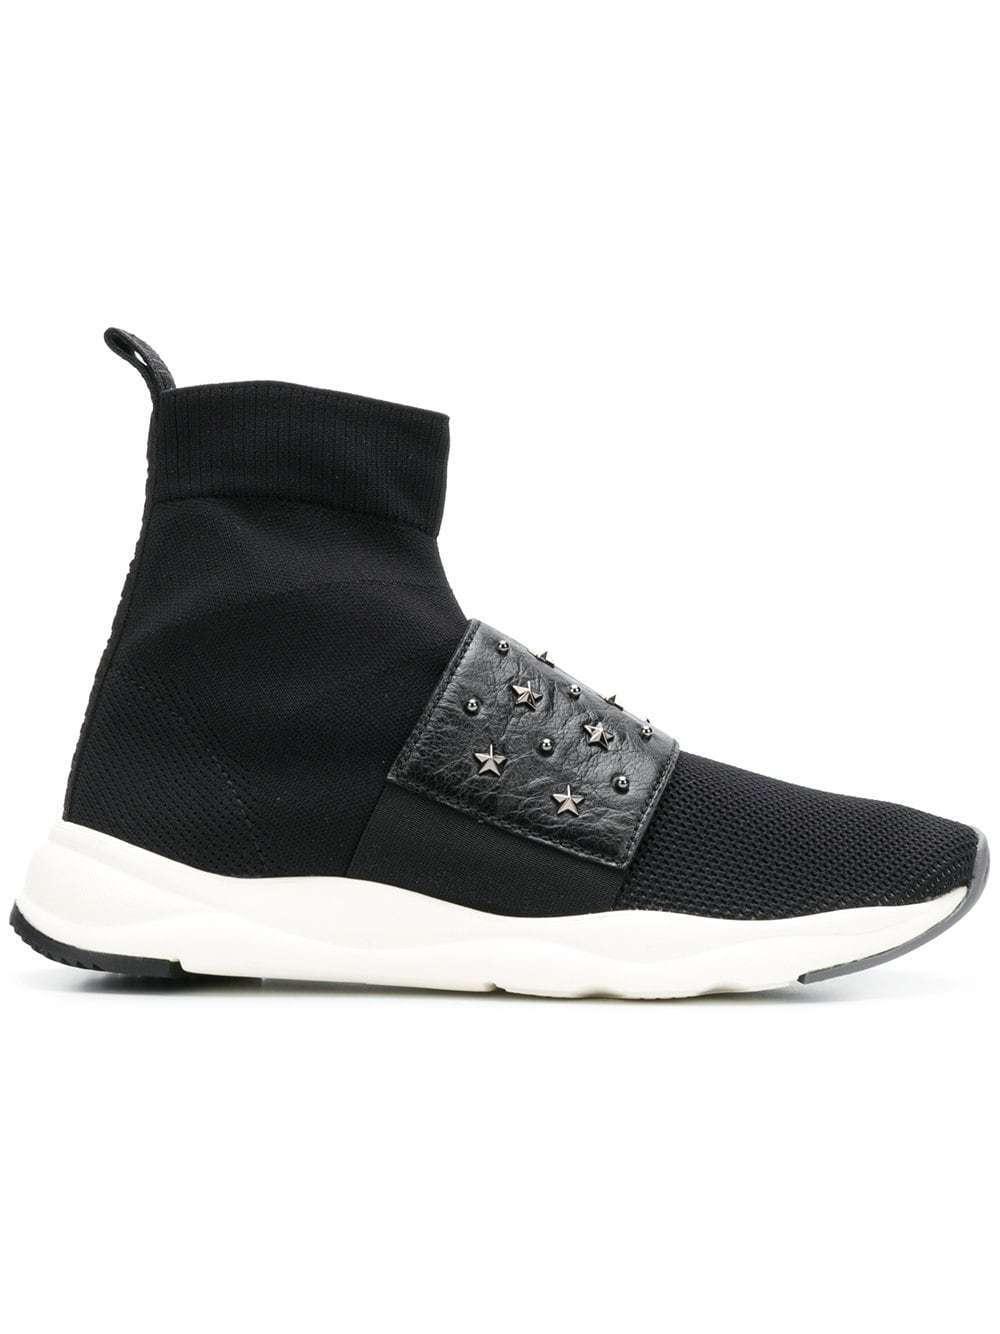 BNIB BAMBINI - Cameron scarpe  da ginnastica - 40  Sconto del 70% a buon mercato